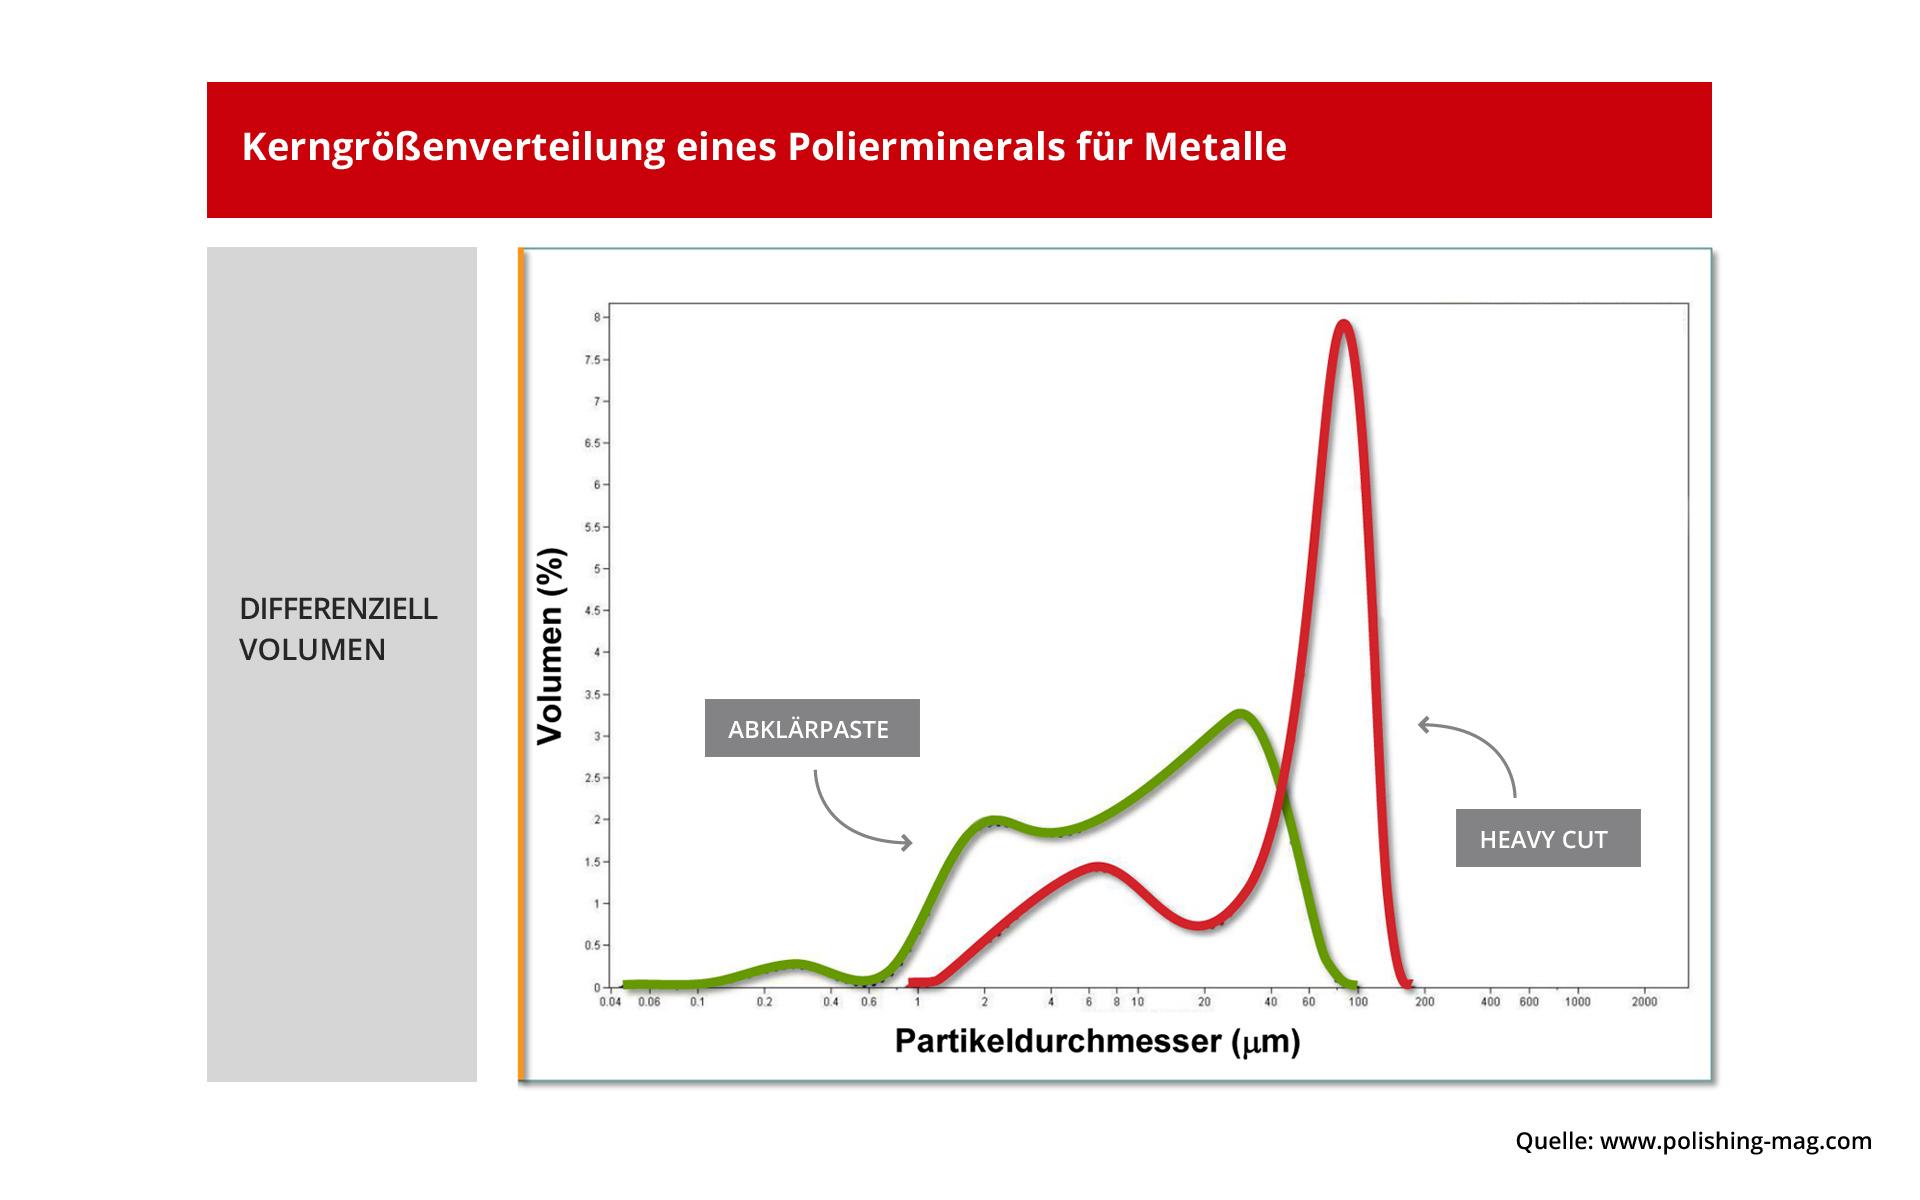 Darstellung Korngrößenverteilung des Polierminerals bei Schleifpasten und Abklärpasten für Metalle.